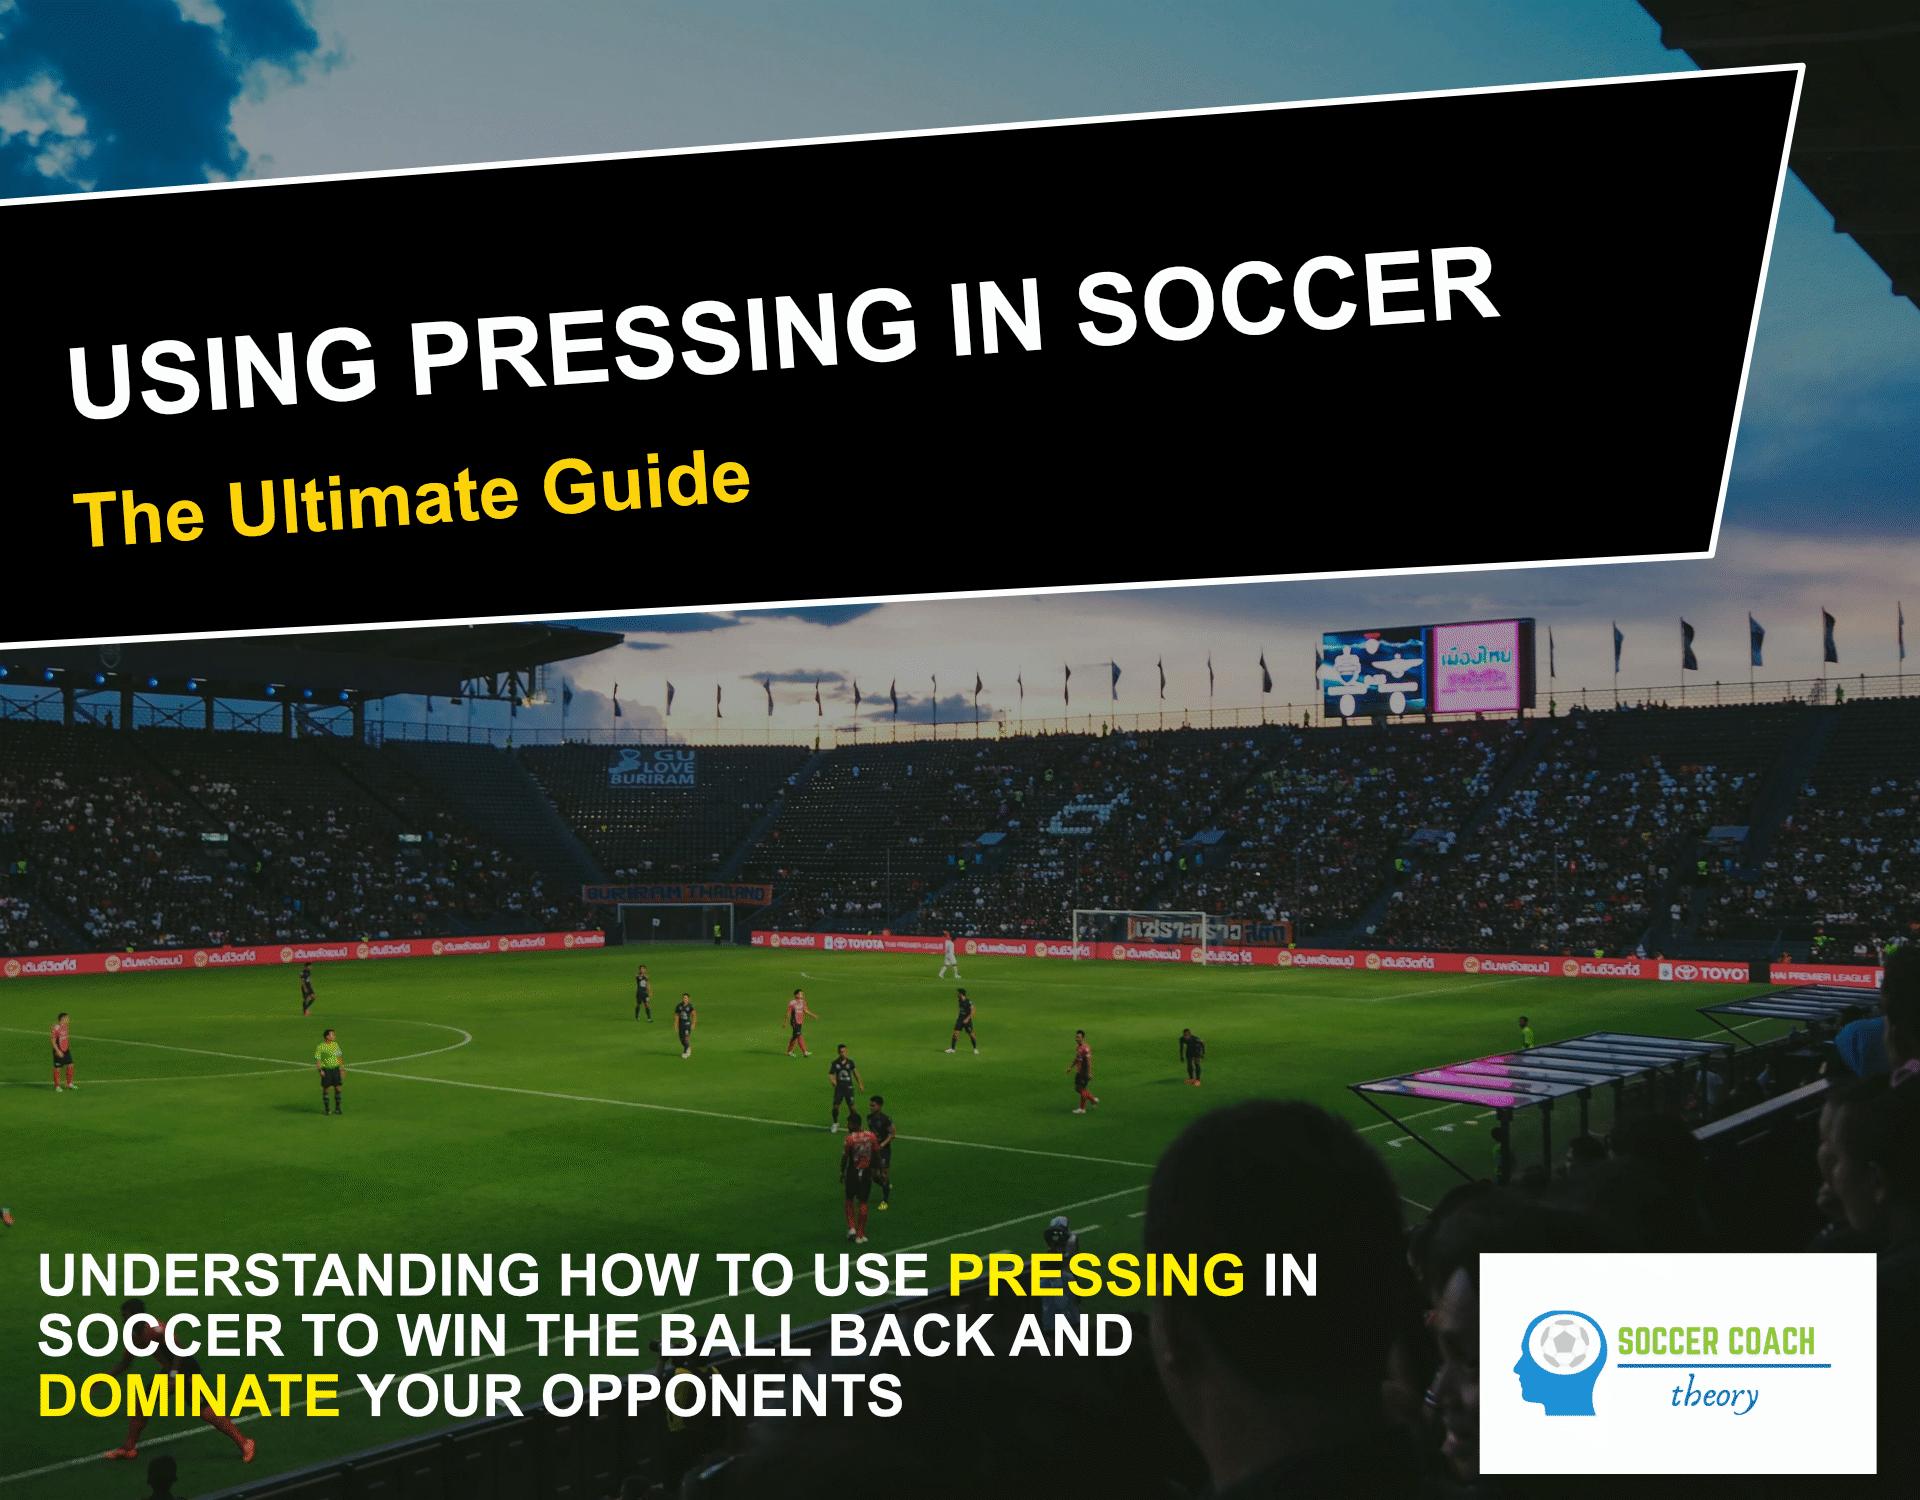 Using pressing in soccer